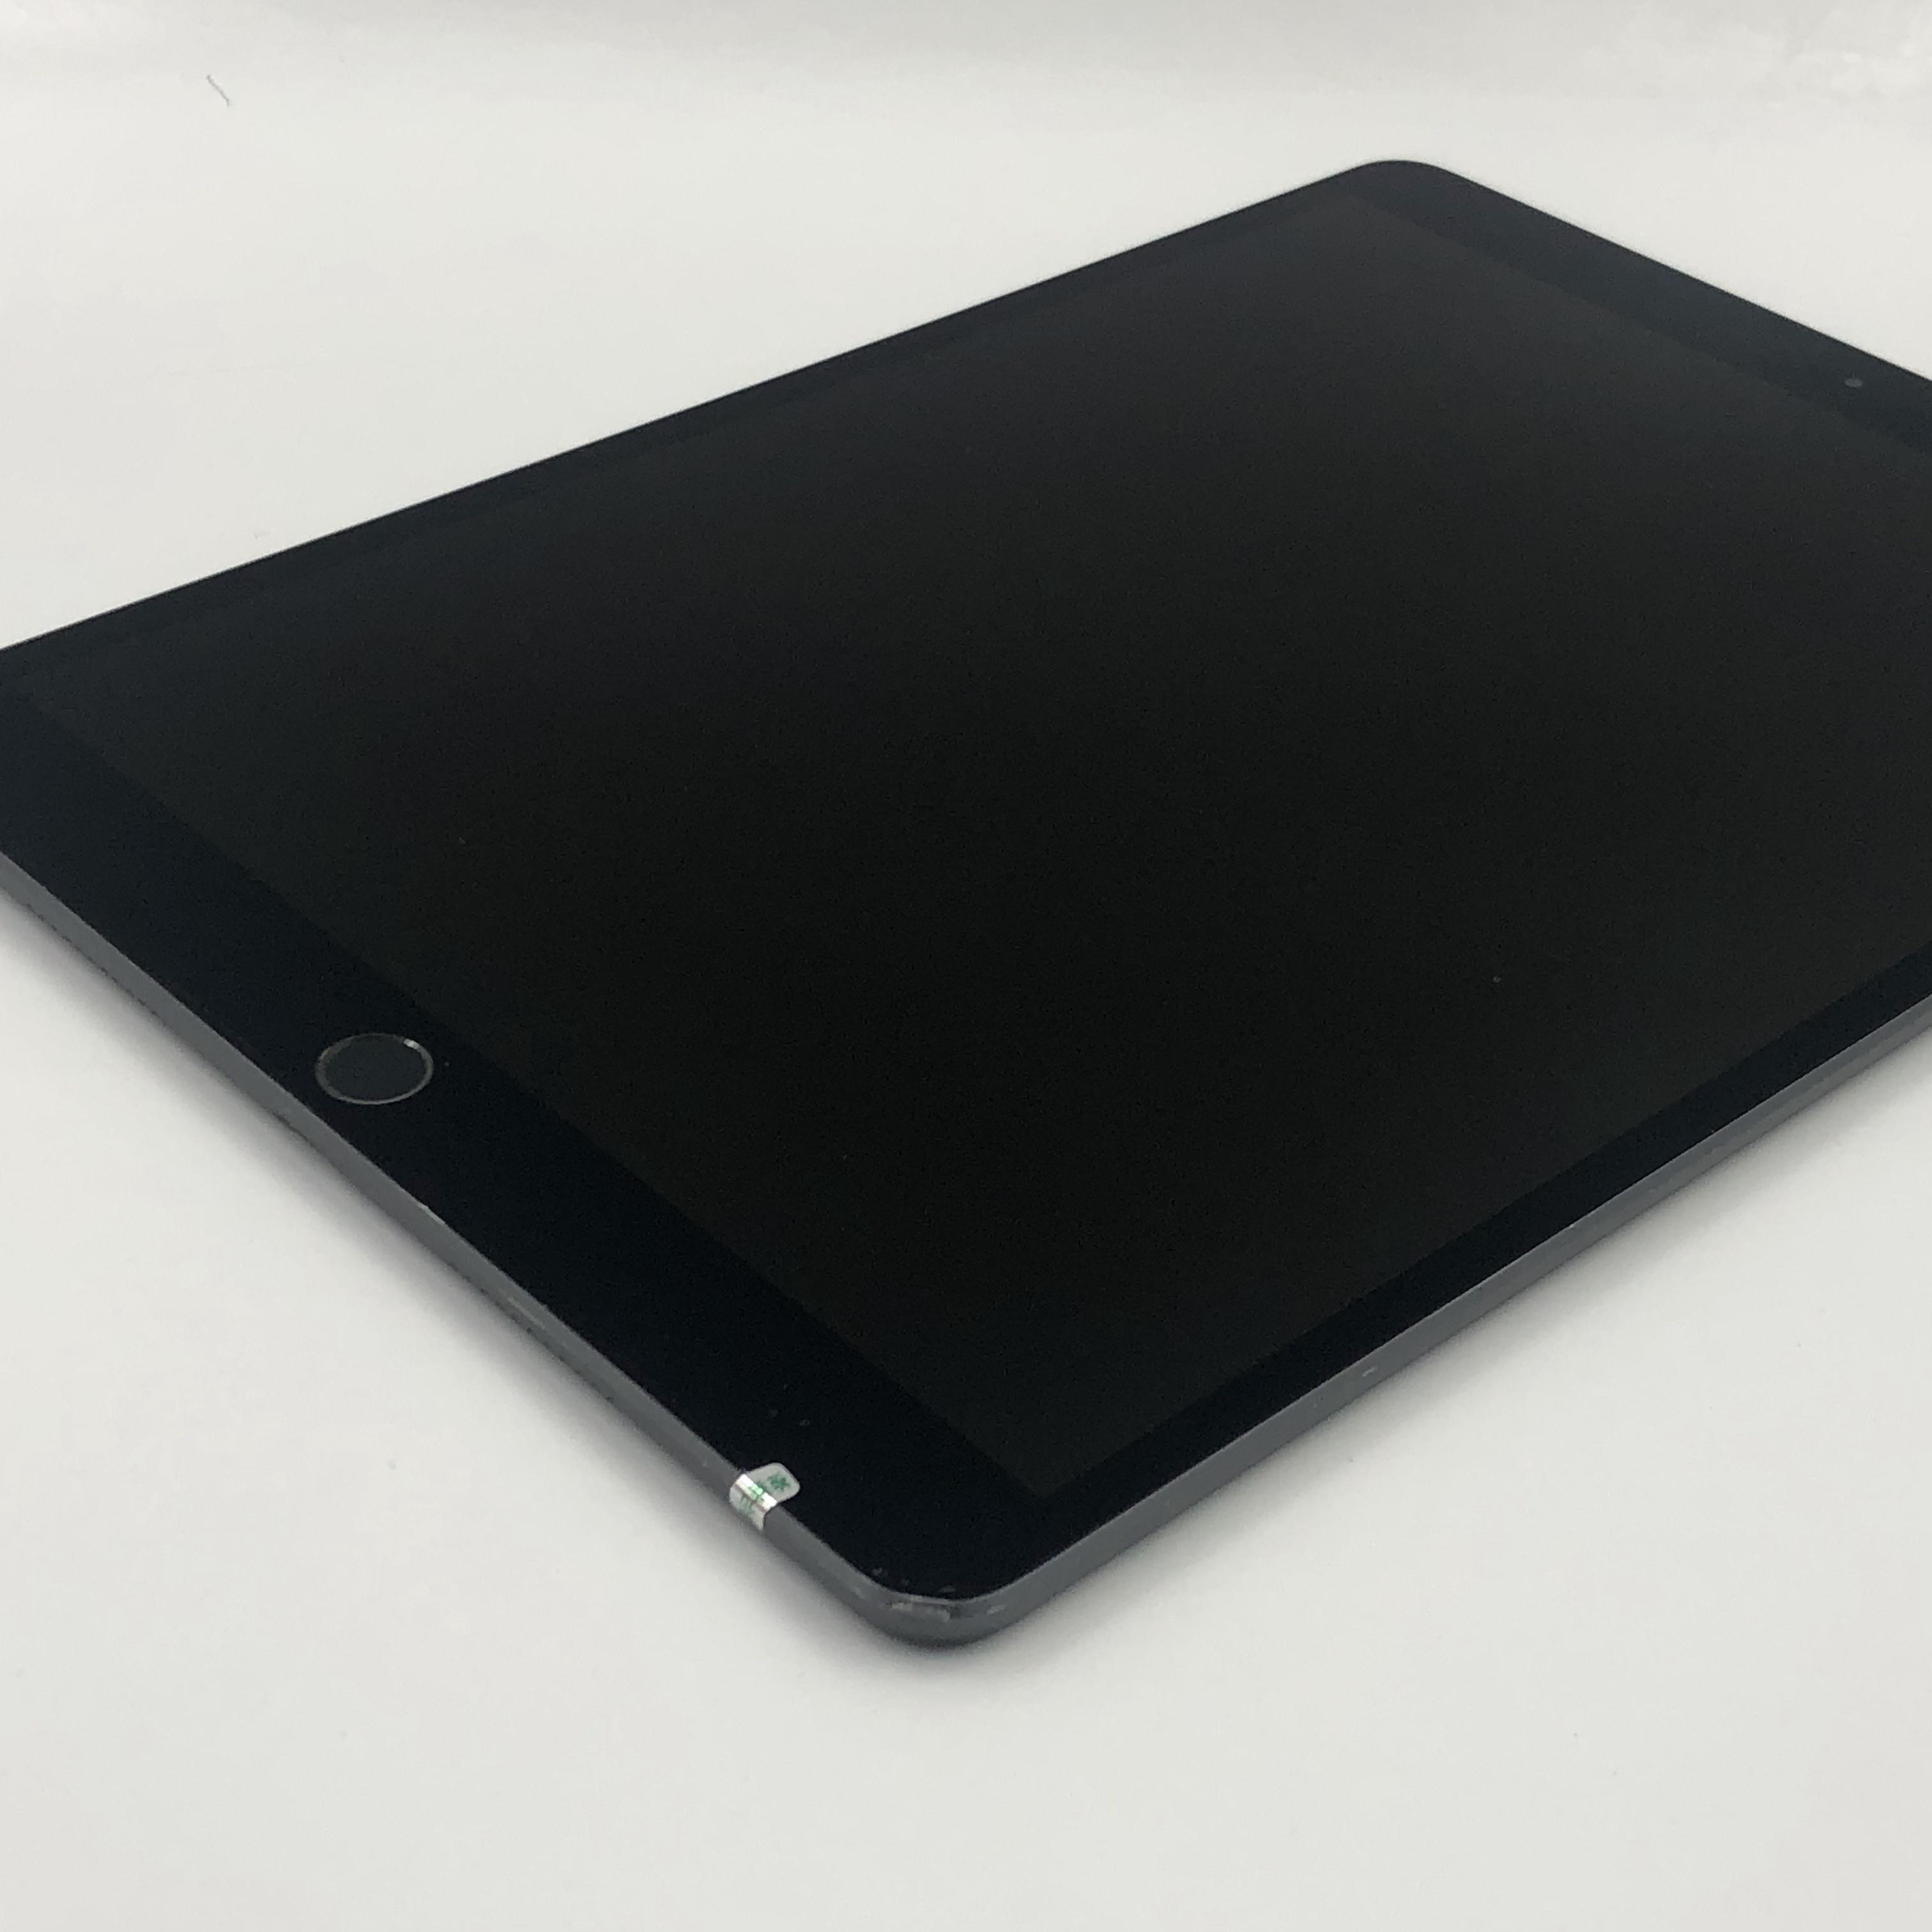 苹果【iPad Air3 10.5英寸 19款】WIFI版 深空灰 64G 国行 9成新 真机实拍